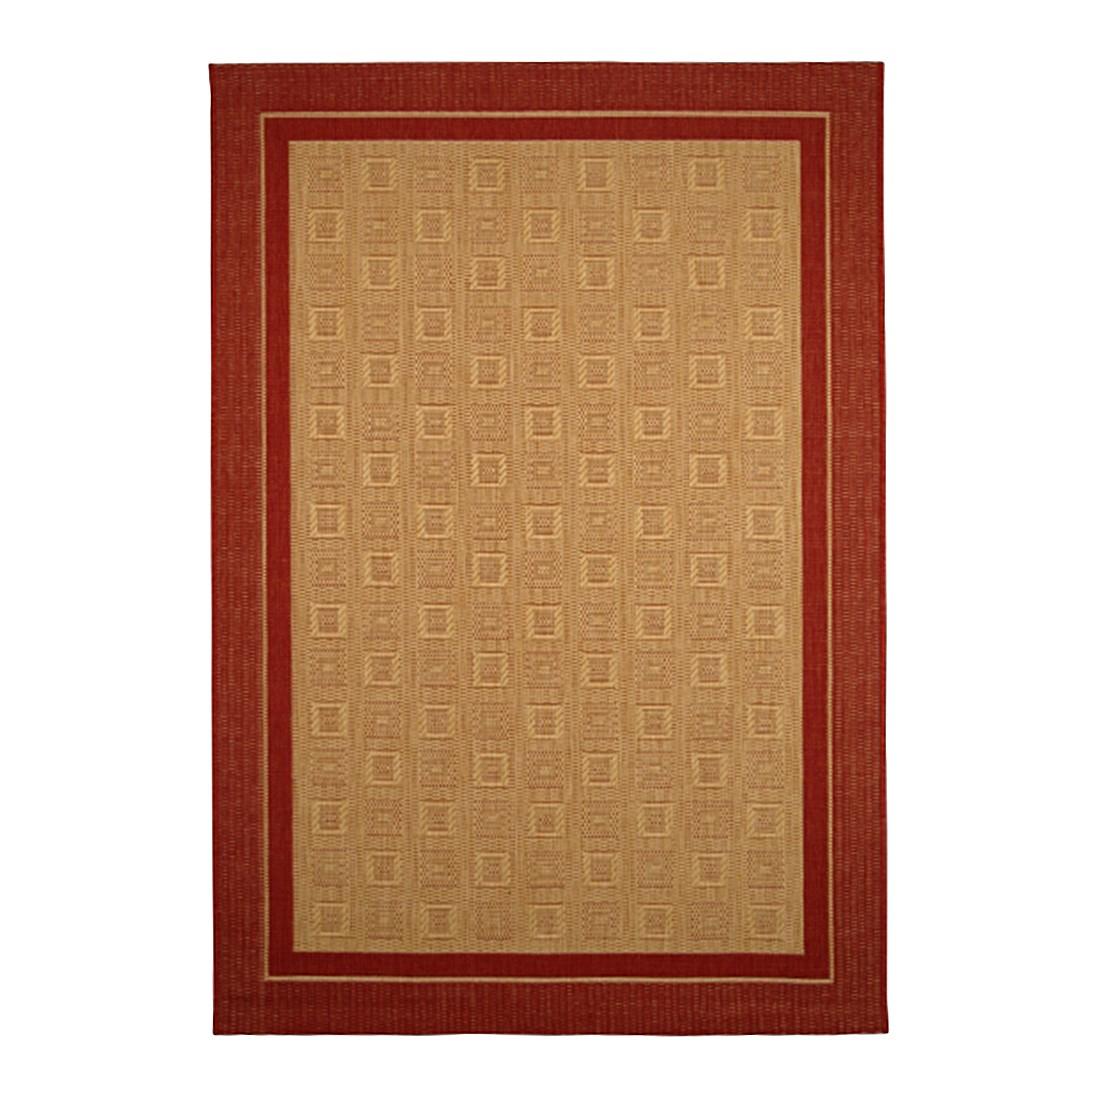 Teppich Cottage 0908 – Terra – 300 x 100 cm, KC-Handel jetzt bestellen